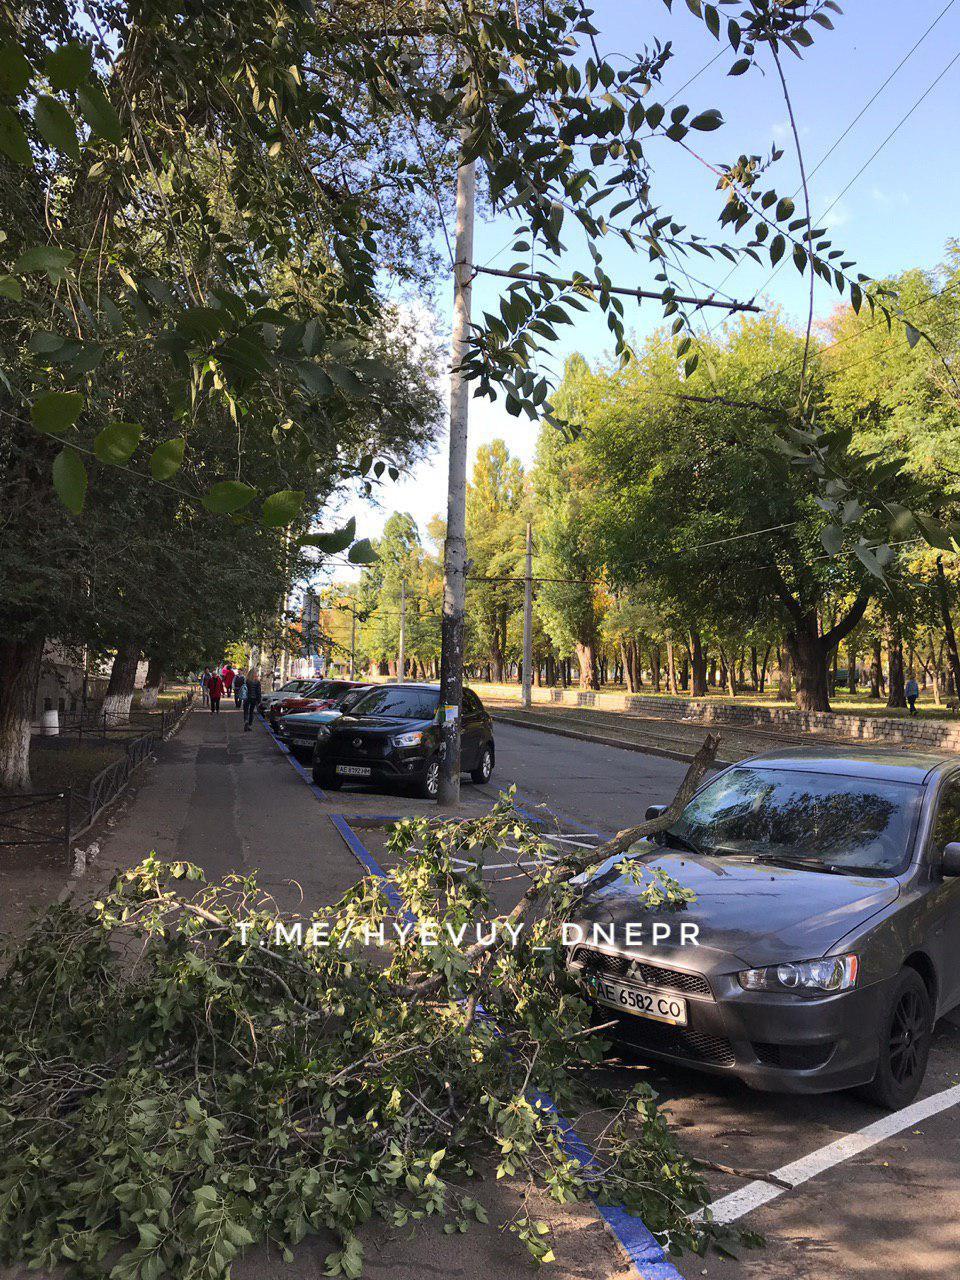 «Парковка не спасла»: ветка пробила лобовое стекло автомобиля. Новости Днепра